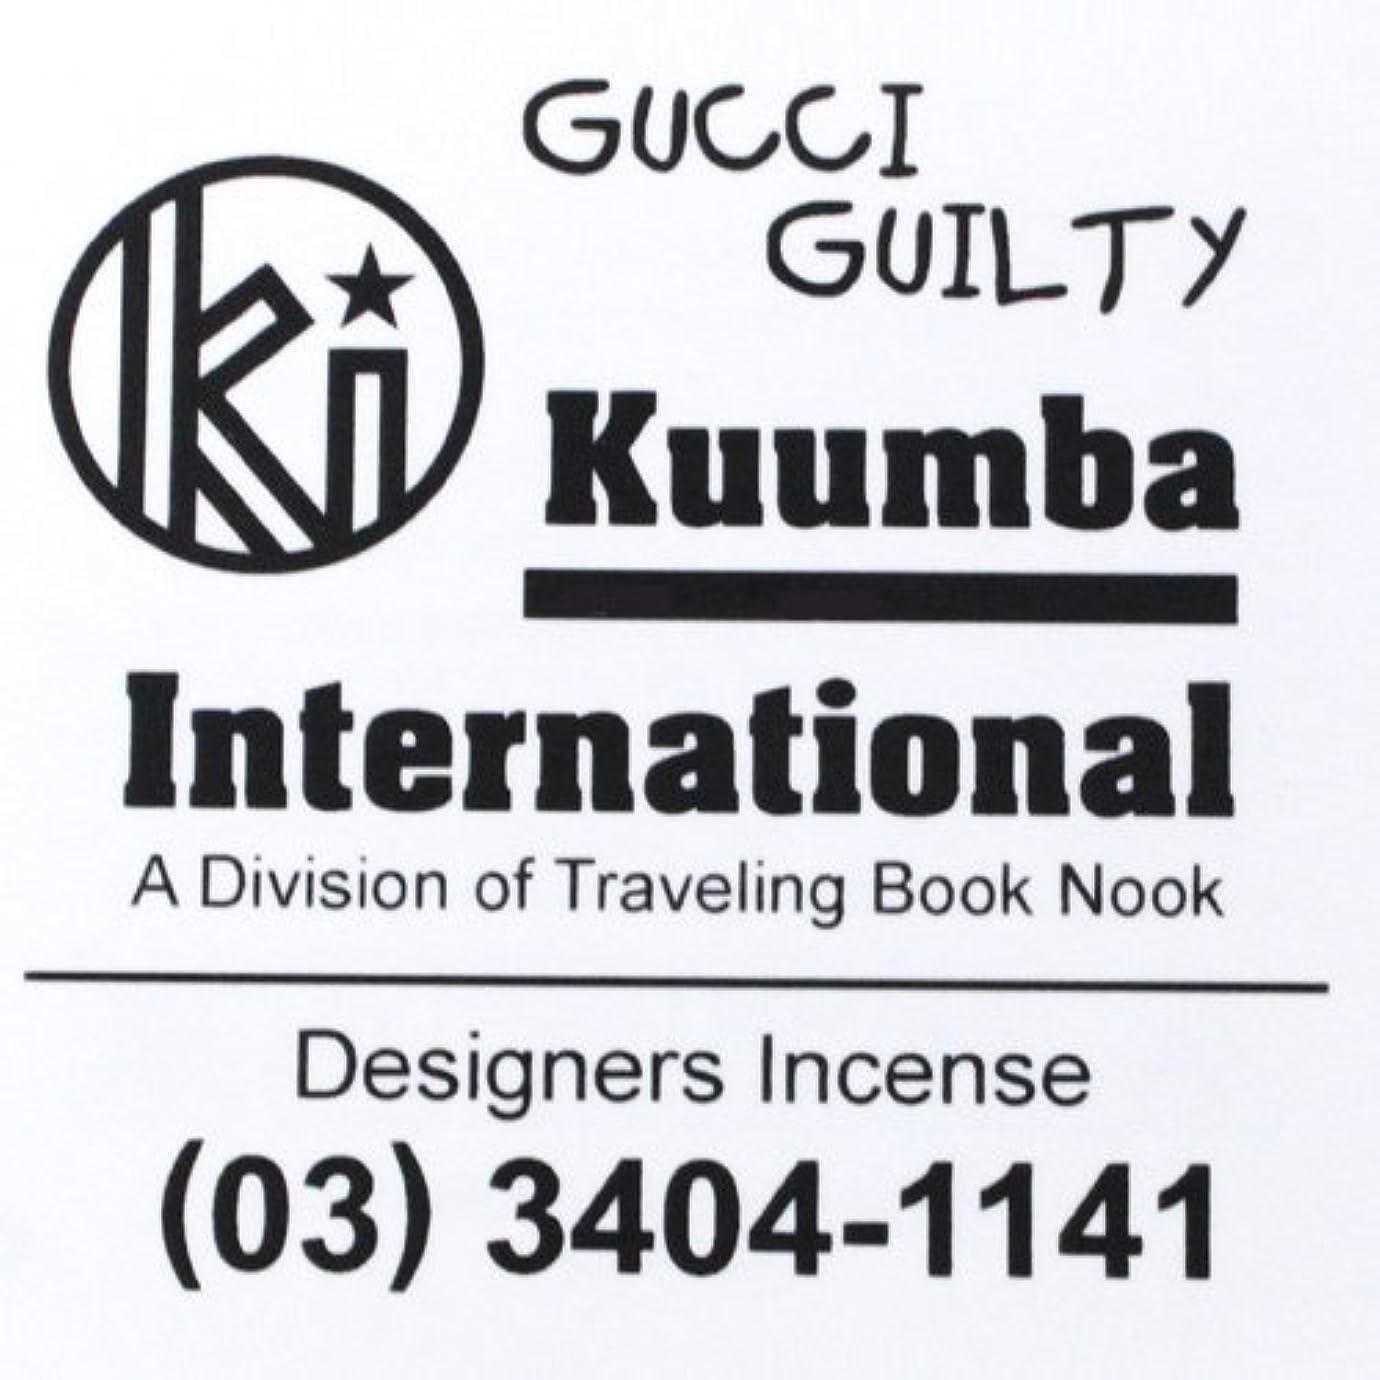 関係独裁カウンタKUUMBA (クンバ)『incense』(GUCCI GUILTY) (Regular size)